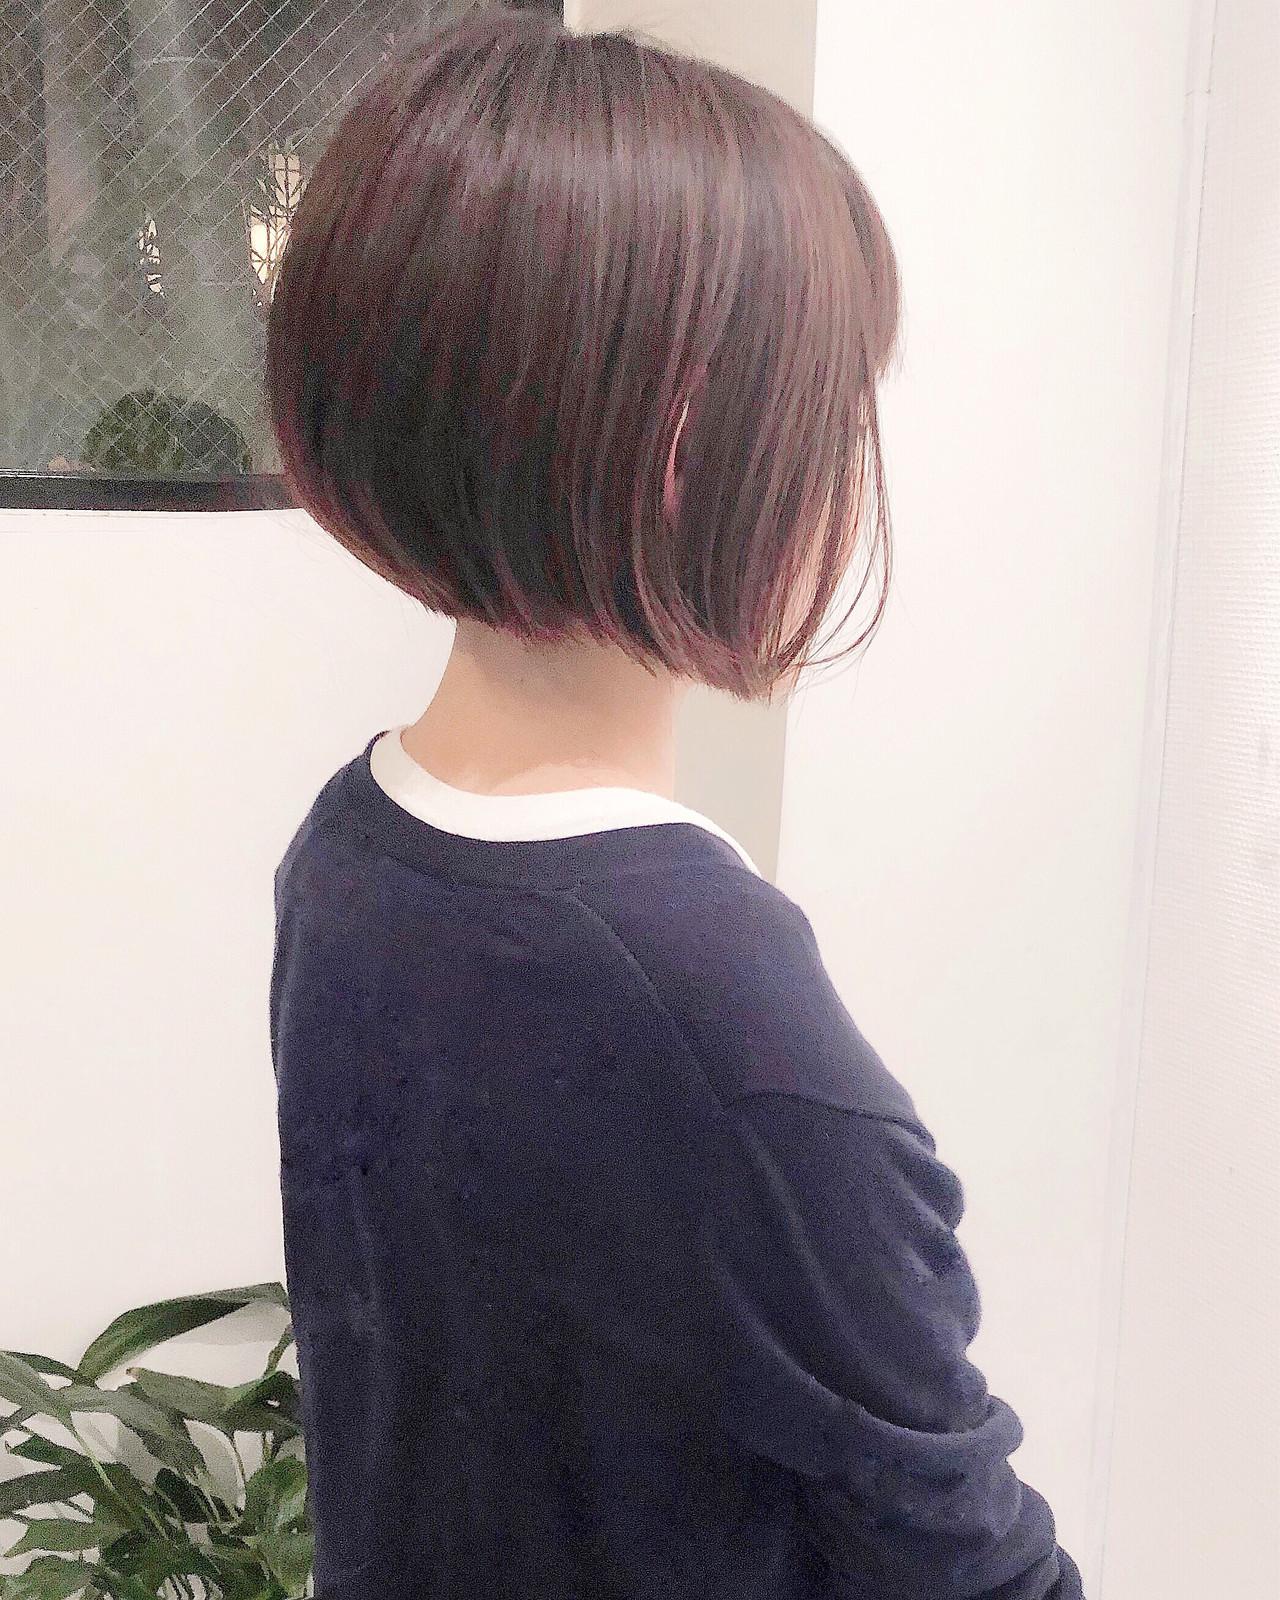 大人ショート ミニボブ 切りっぱなしボブ ショートヘア ヘアスタイルや髪型の写真・画像 | 郡司 泰之 / ROJITHA 原宿 / ROJITHA